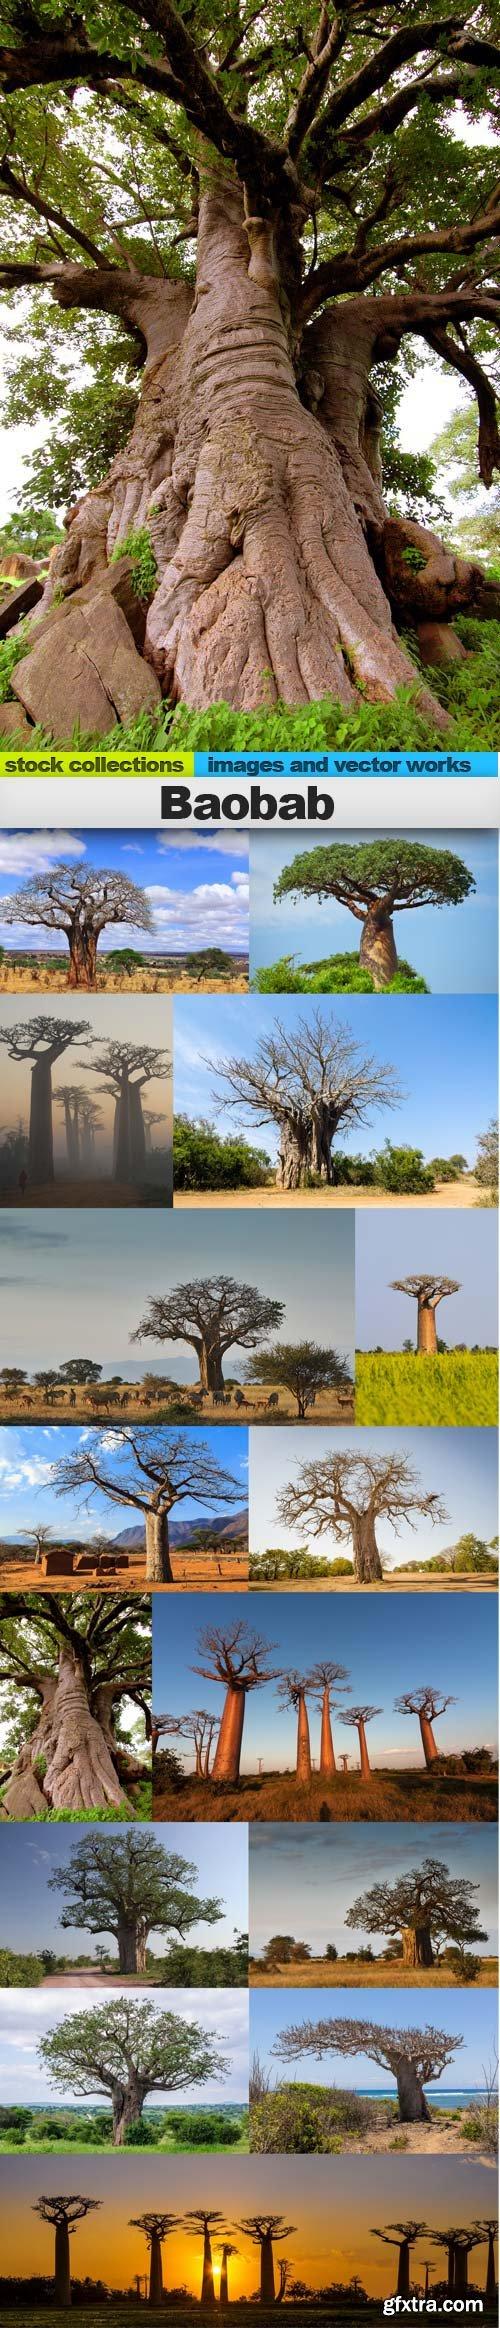 Baobab tree, 15 x UHQ JPEG